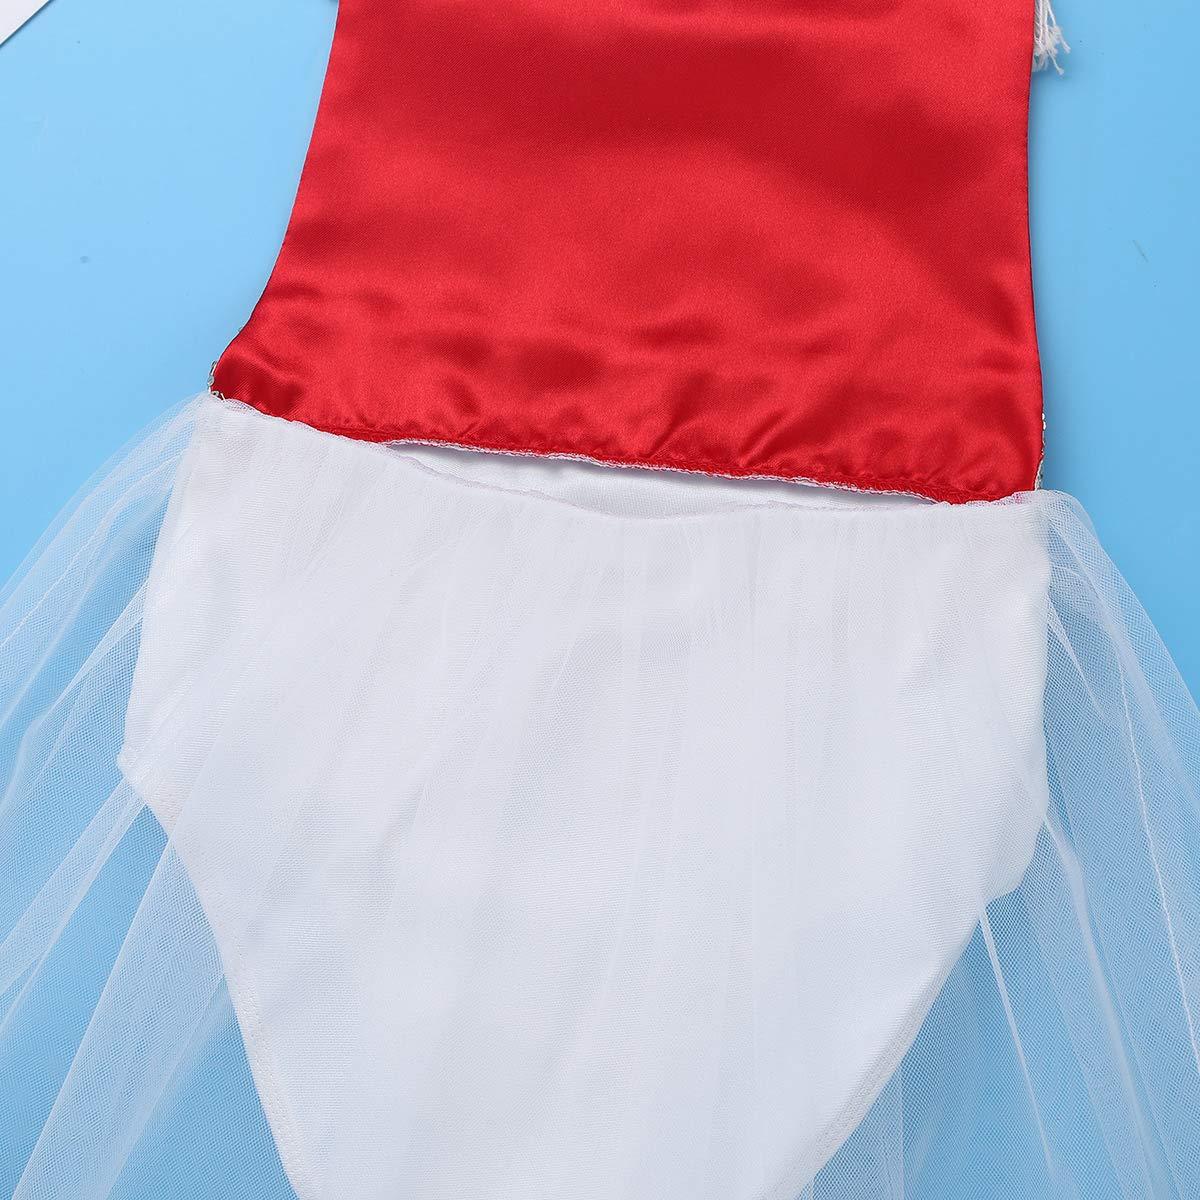 YiZYiF B/éb/é Fille Robe Princesse Va/ïana Robe /à Paillettes Robe Bapt/ême Soir/ée Mariage Tutu Robe Anniversaire Barboteuse Combinaison D/éguisement No/ël Carnaval 6 Mois-3 Ans